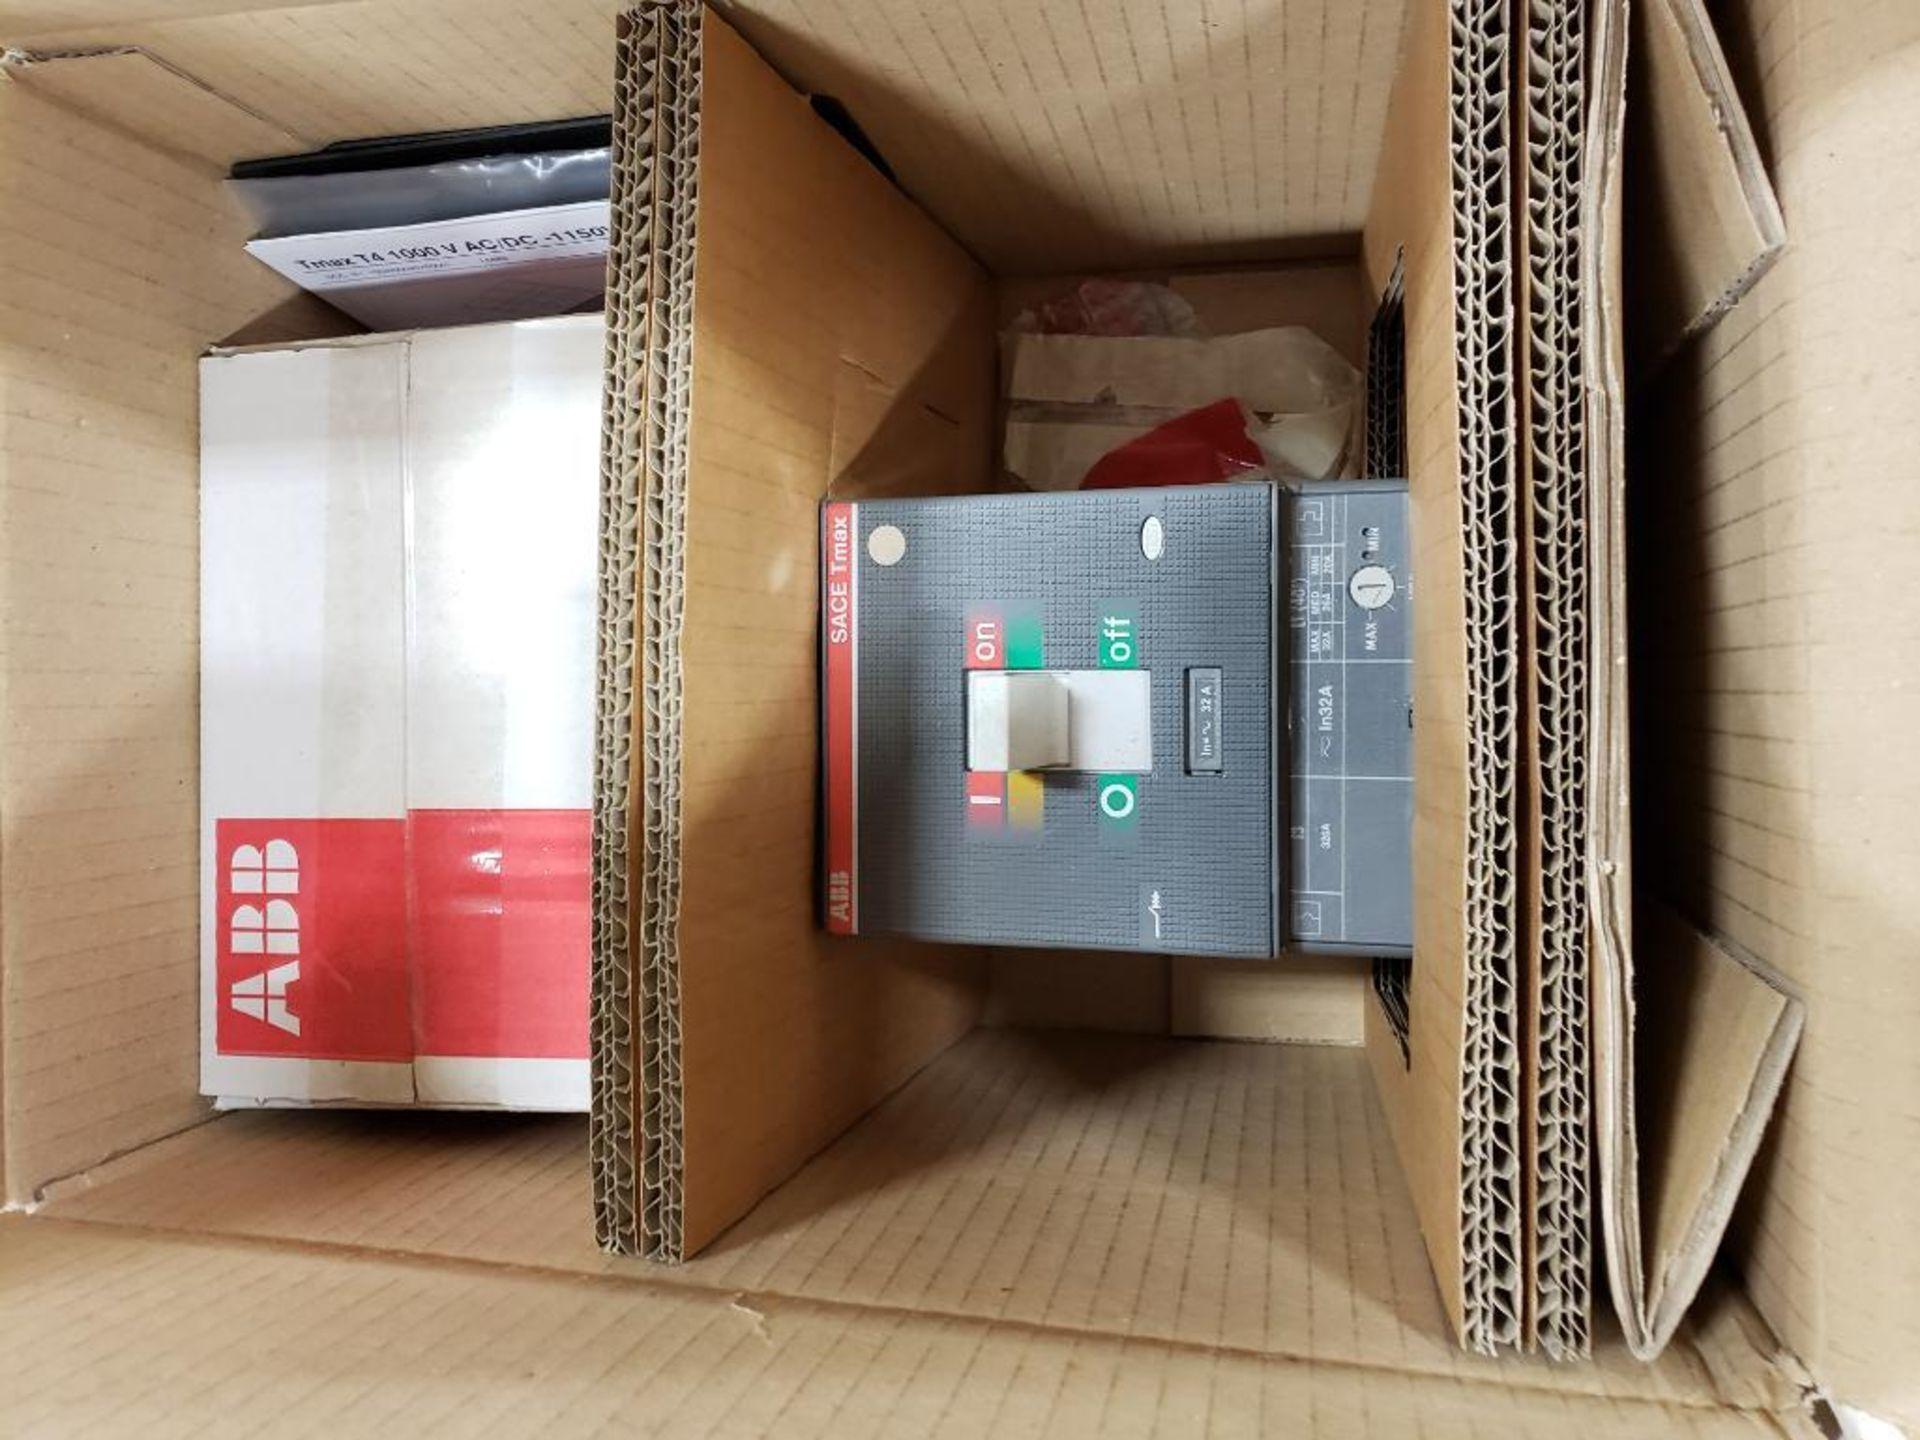 ABB circuit breaker model sace tmax t4v250. New in box. - Image 3 of 3